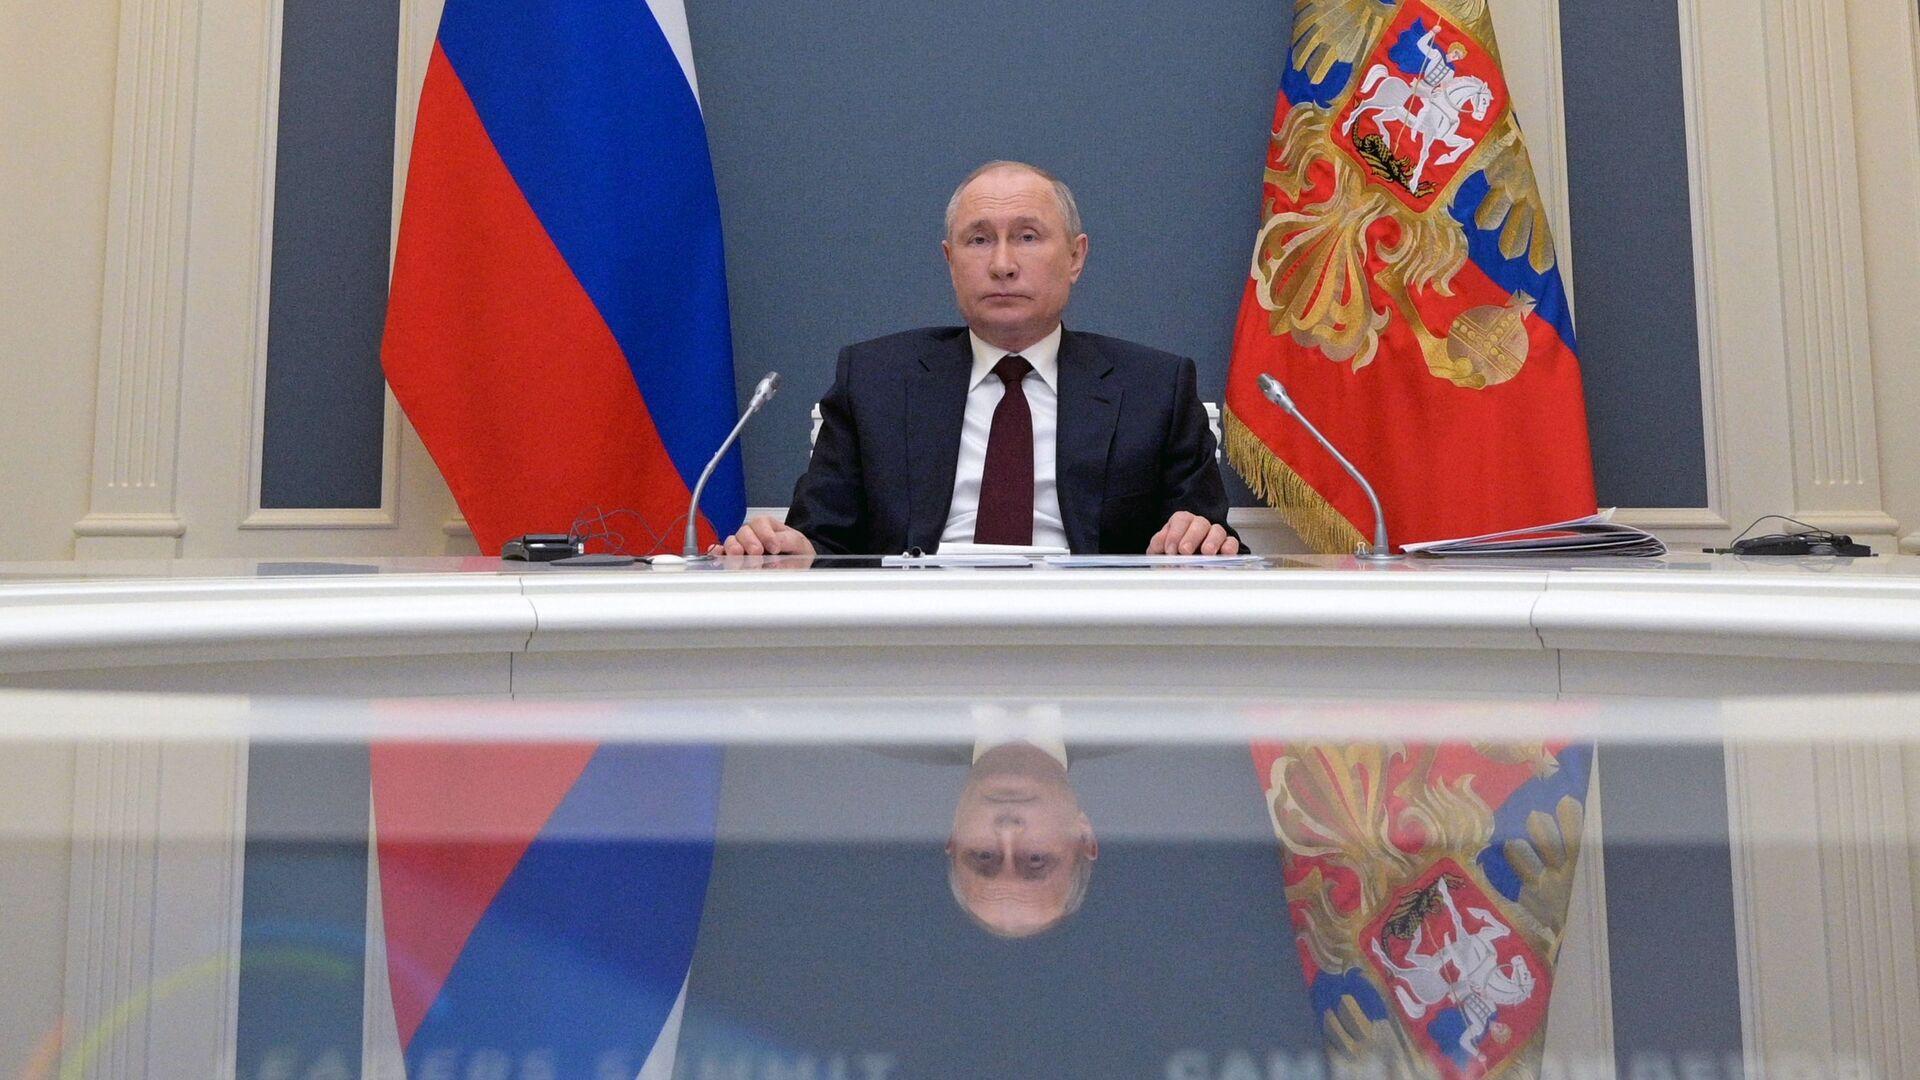 Tổng thống Nga Vladimir Putin tại Hội nghị thượng đỉnh về khí hậu theo điịnh dạng hội thào video. - Sputnik Việt Nam, 1920, 09.08.2021